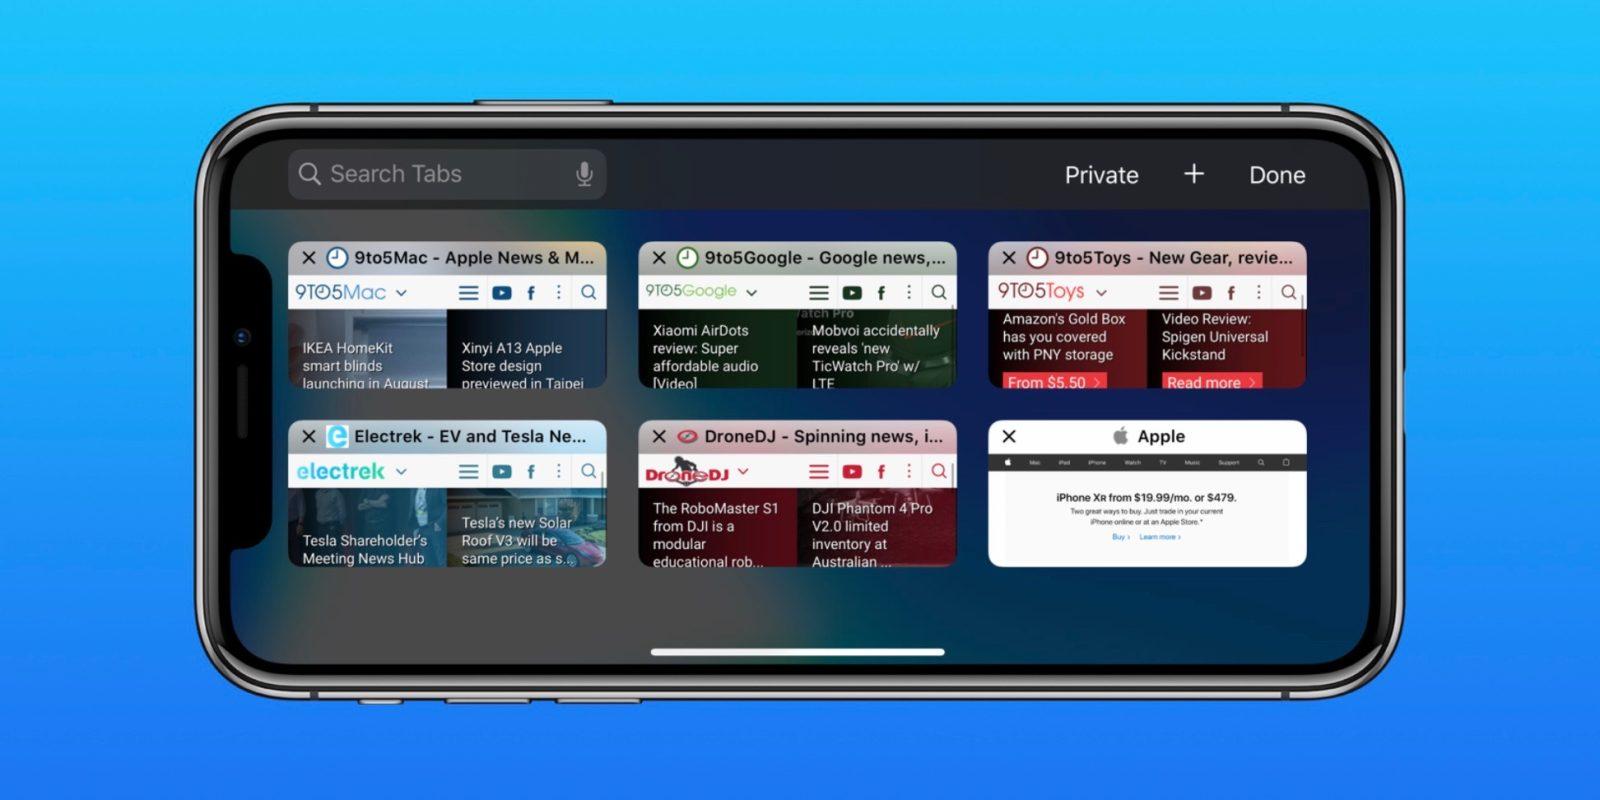 safari açık sekmeleri yer imlerine eklemek 2 - Safari'de Tüm Açık Sekmeleri Yer İmlerine Eklemek (iPhone, iPad)